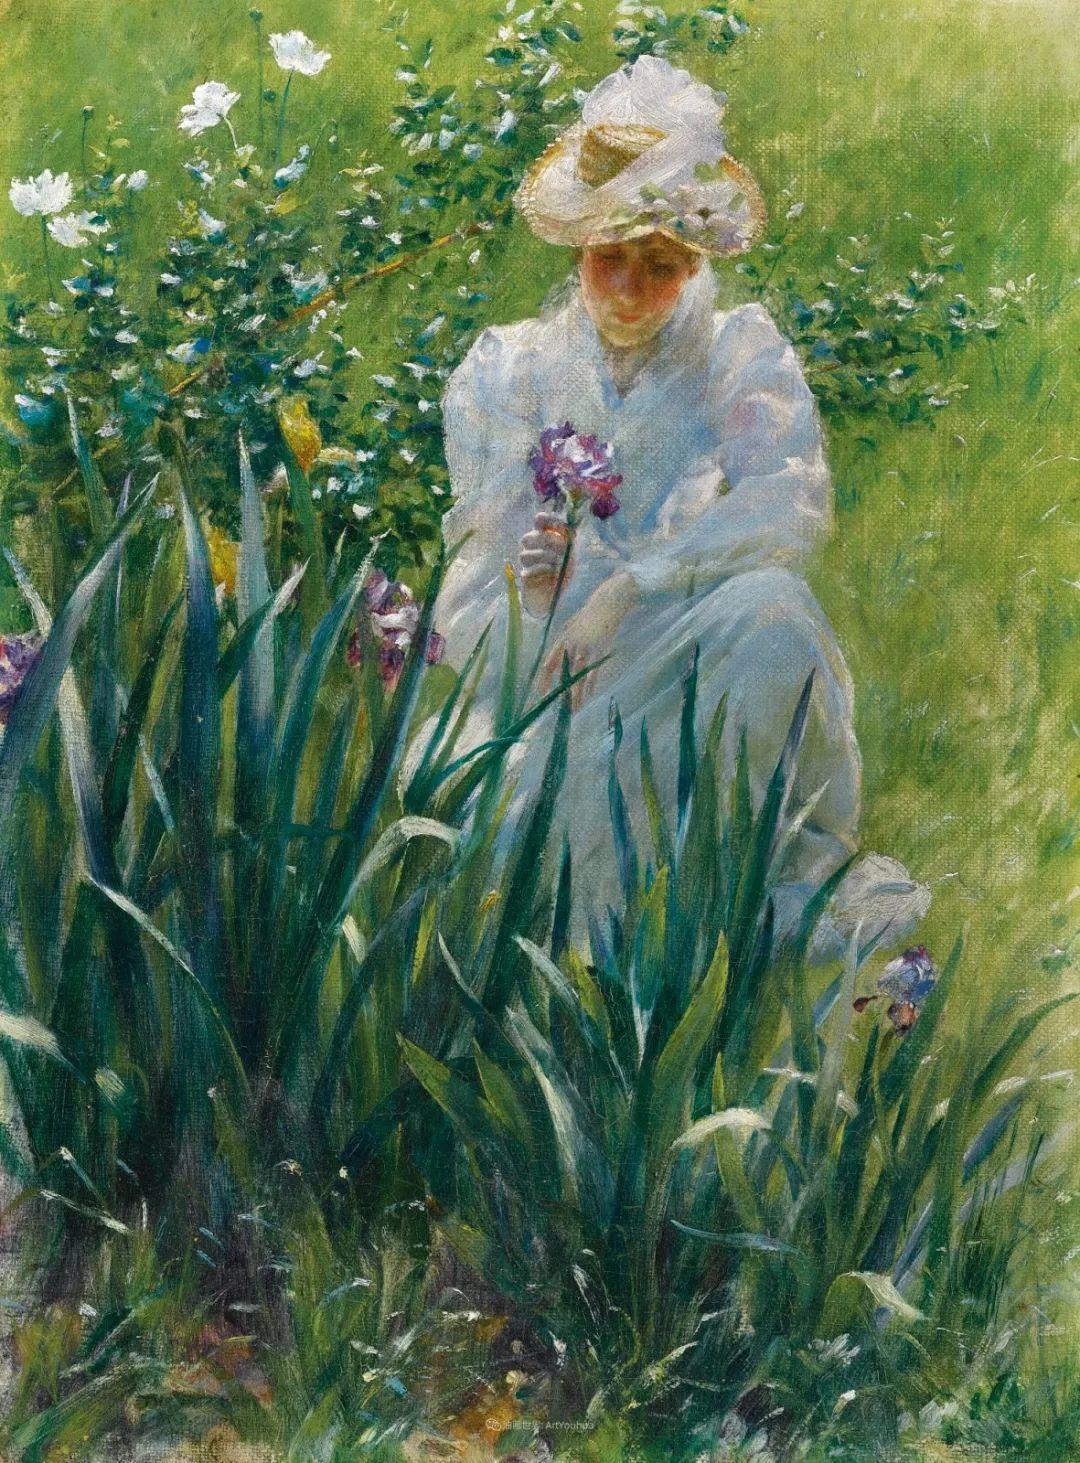 他画笔下的女人, 犹如春天的茉莉花, 清香、娇艳而不失典雅!插图73